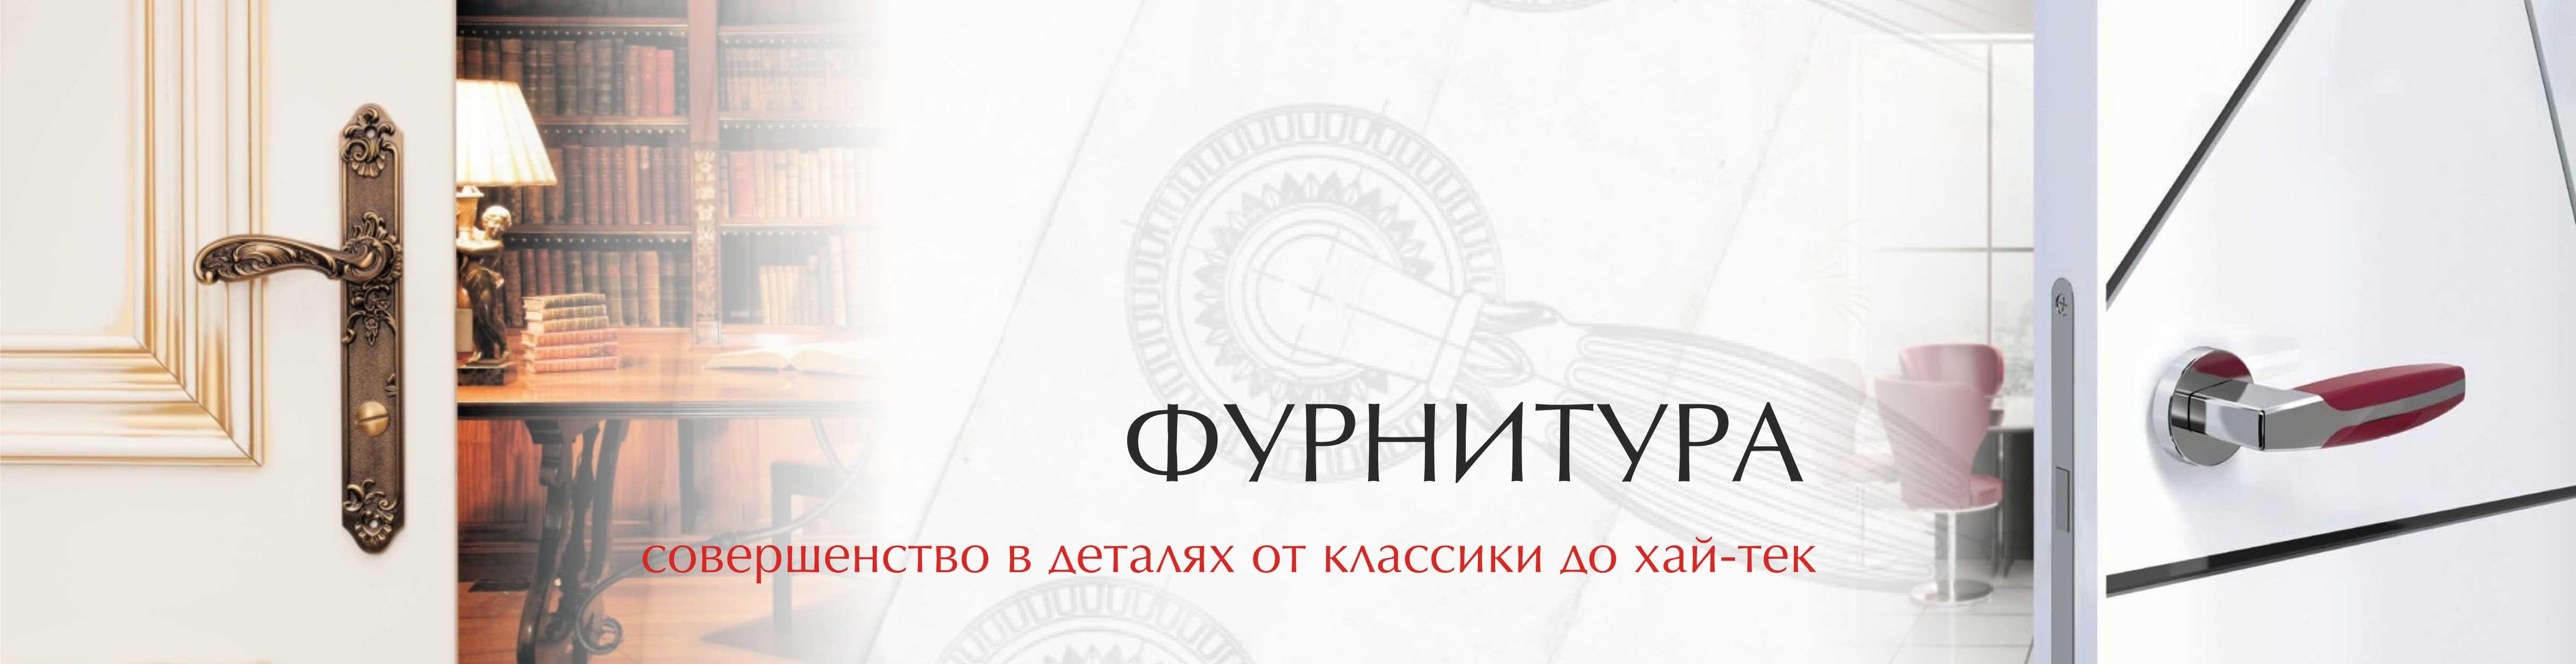 vybor-furnitury-dlya-mezhkomnatnyh-dverej